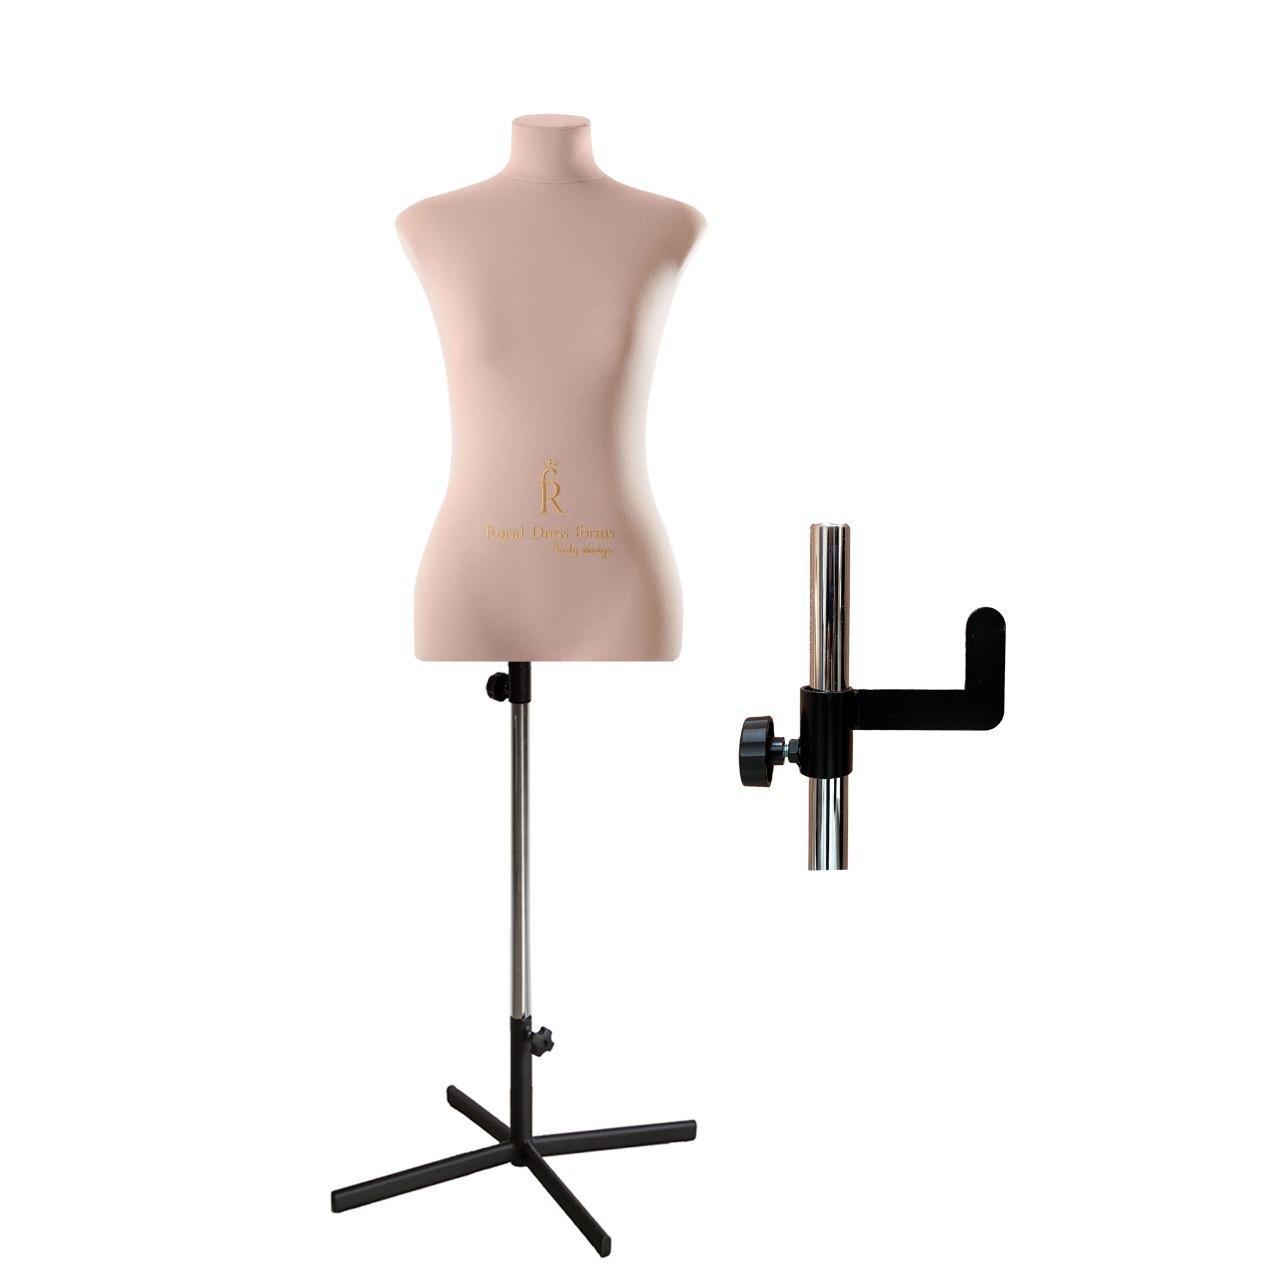 Манекен портновский Кристина, комплект Премиум, размер 44, тип фигуры Песочные часы, бежевый